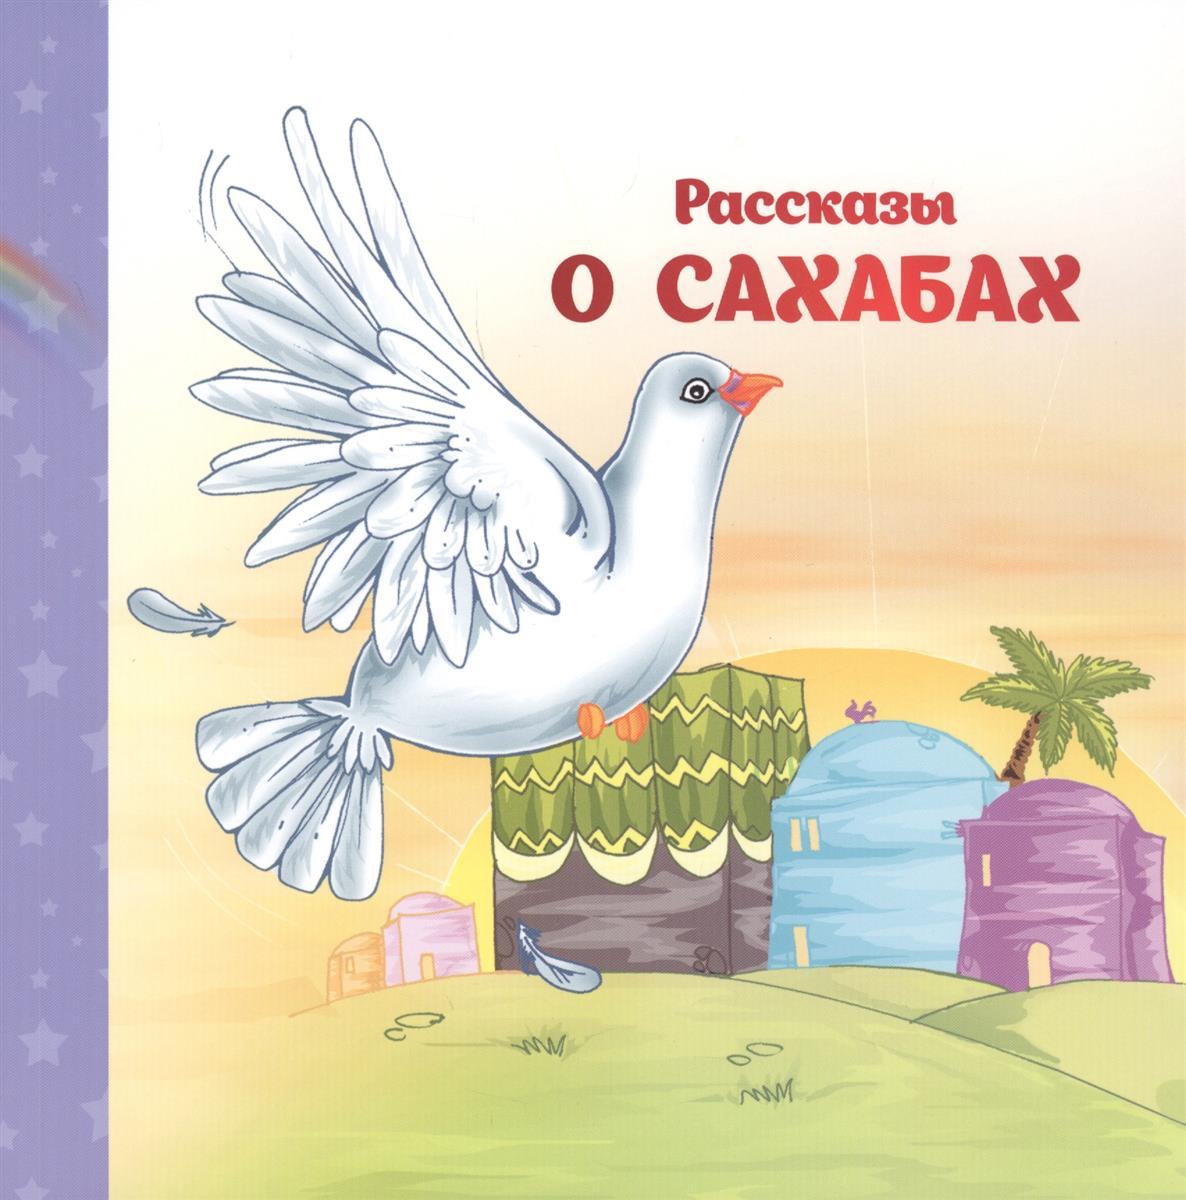 Садр М. Рассказы о Сахабах первов м рассказы о русских ракетах книга 2